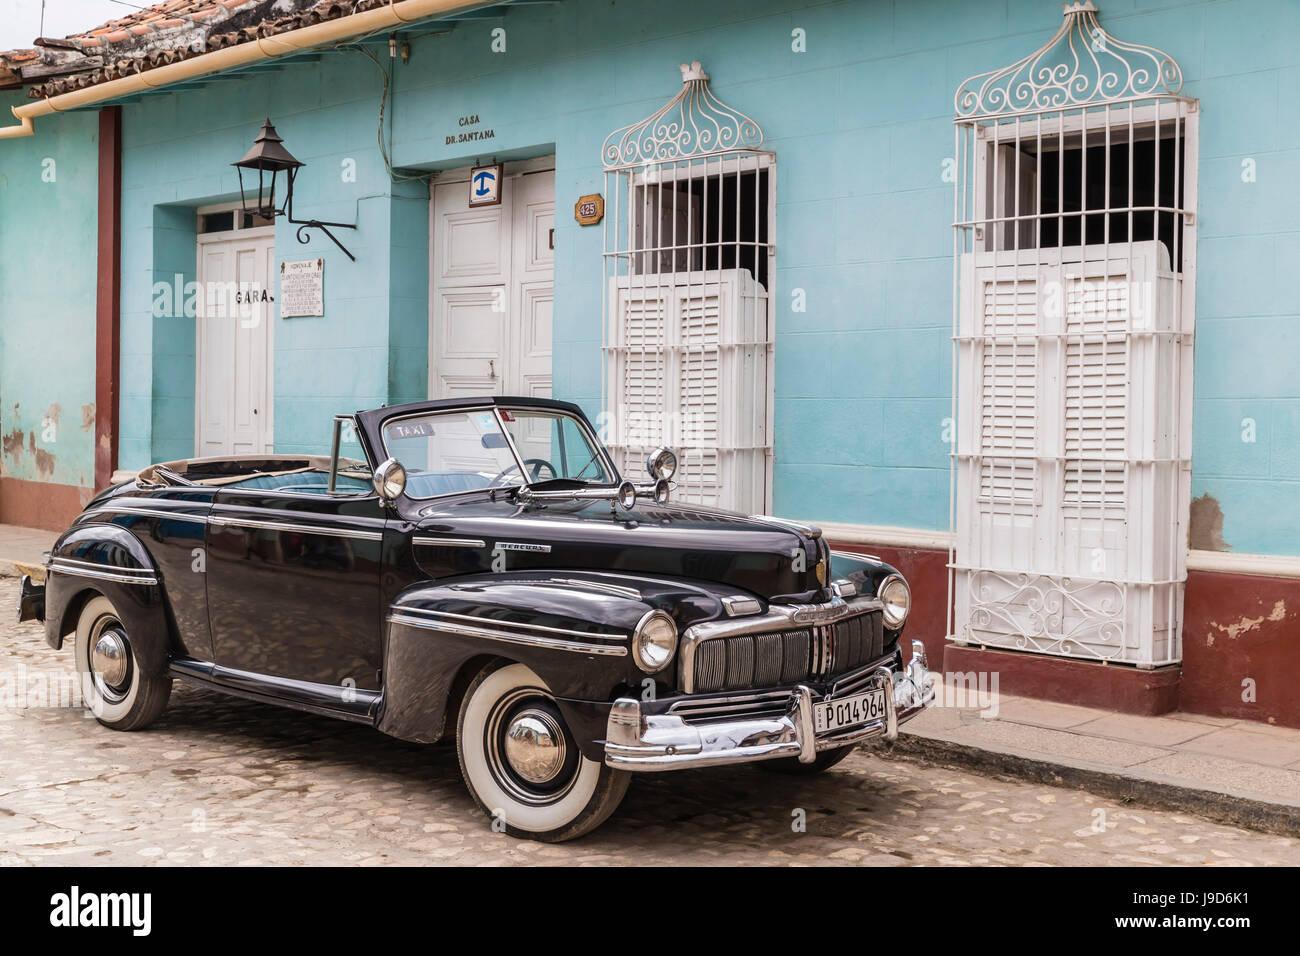 Un Vintage 1948 American Mercury ocho trabajando como un taxi en la ciudad de Trinidad, la UNESCO, Cuba, Las Antillas, Imagen De Stock